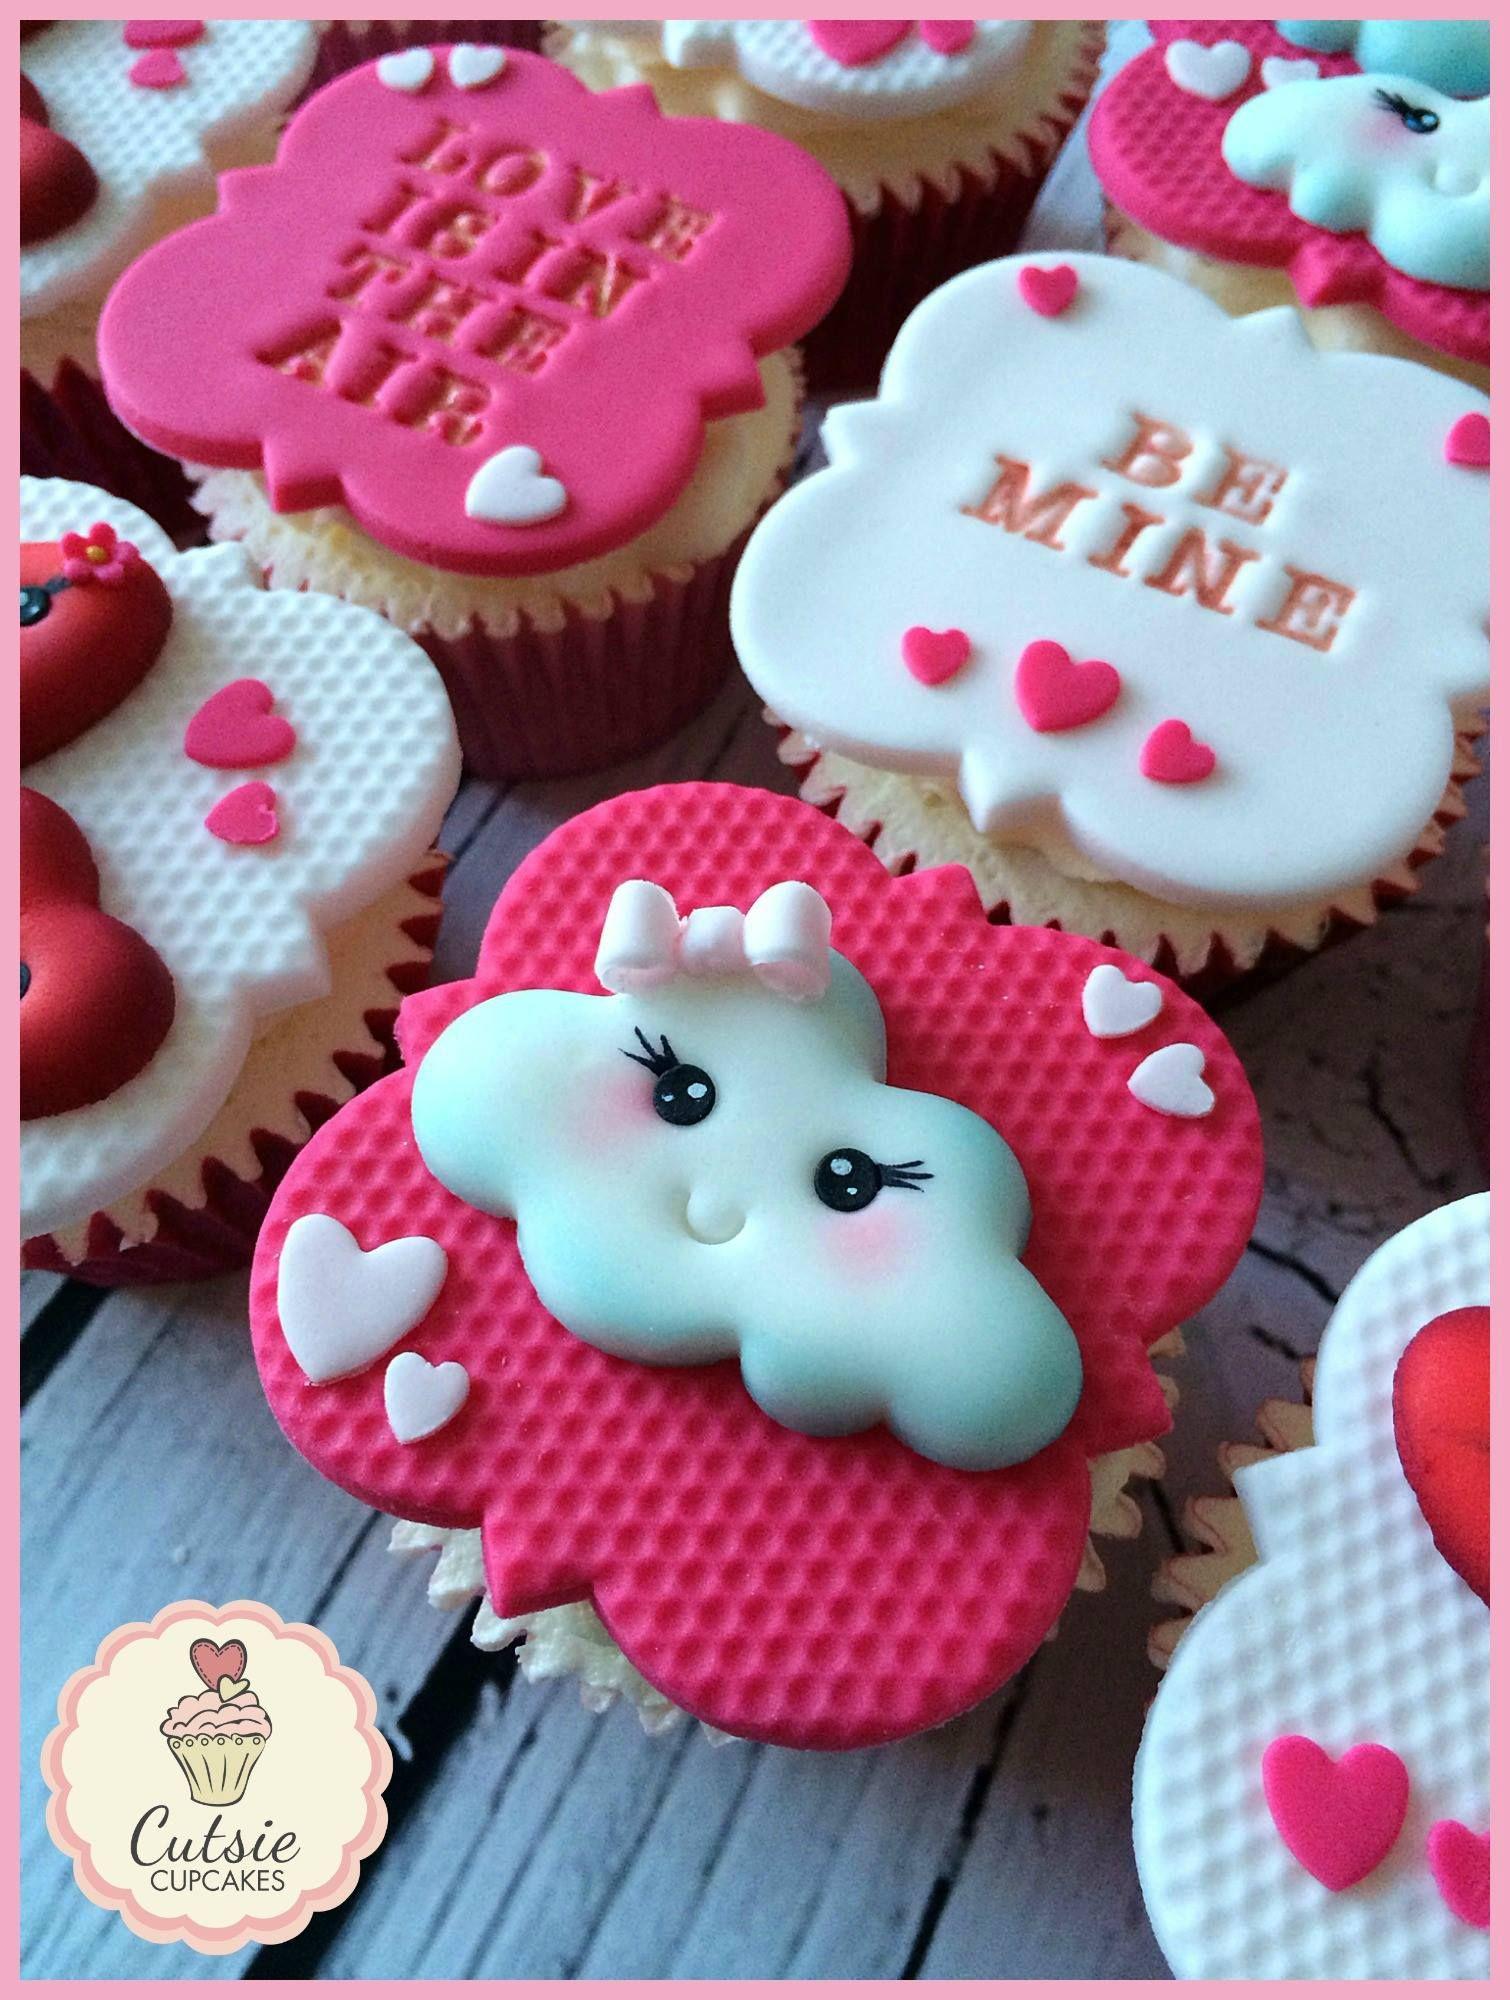 Cutsie Cupcakes Cakes